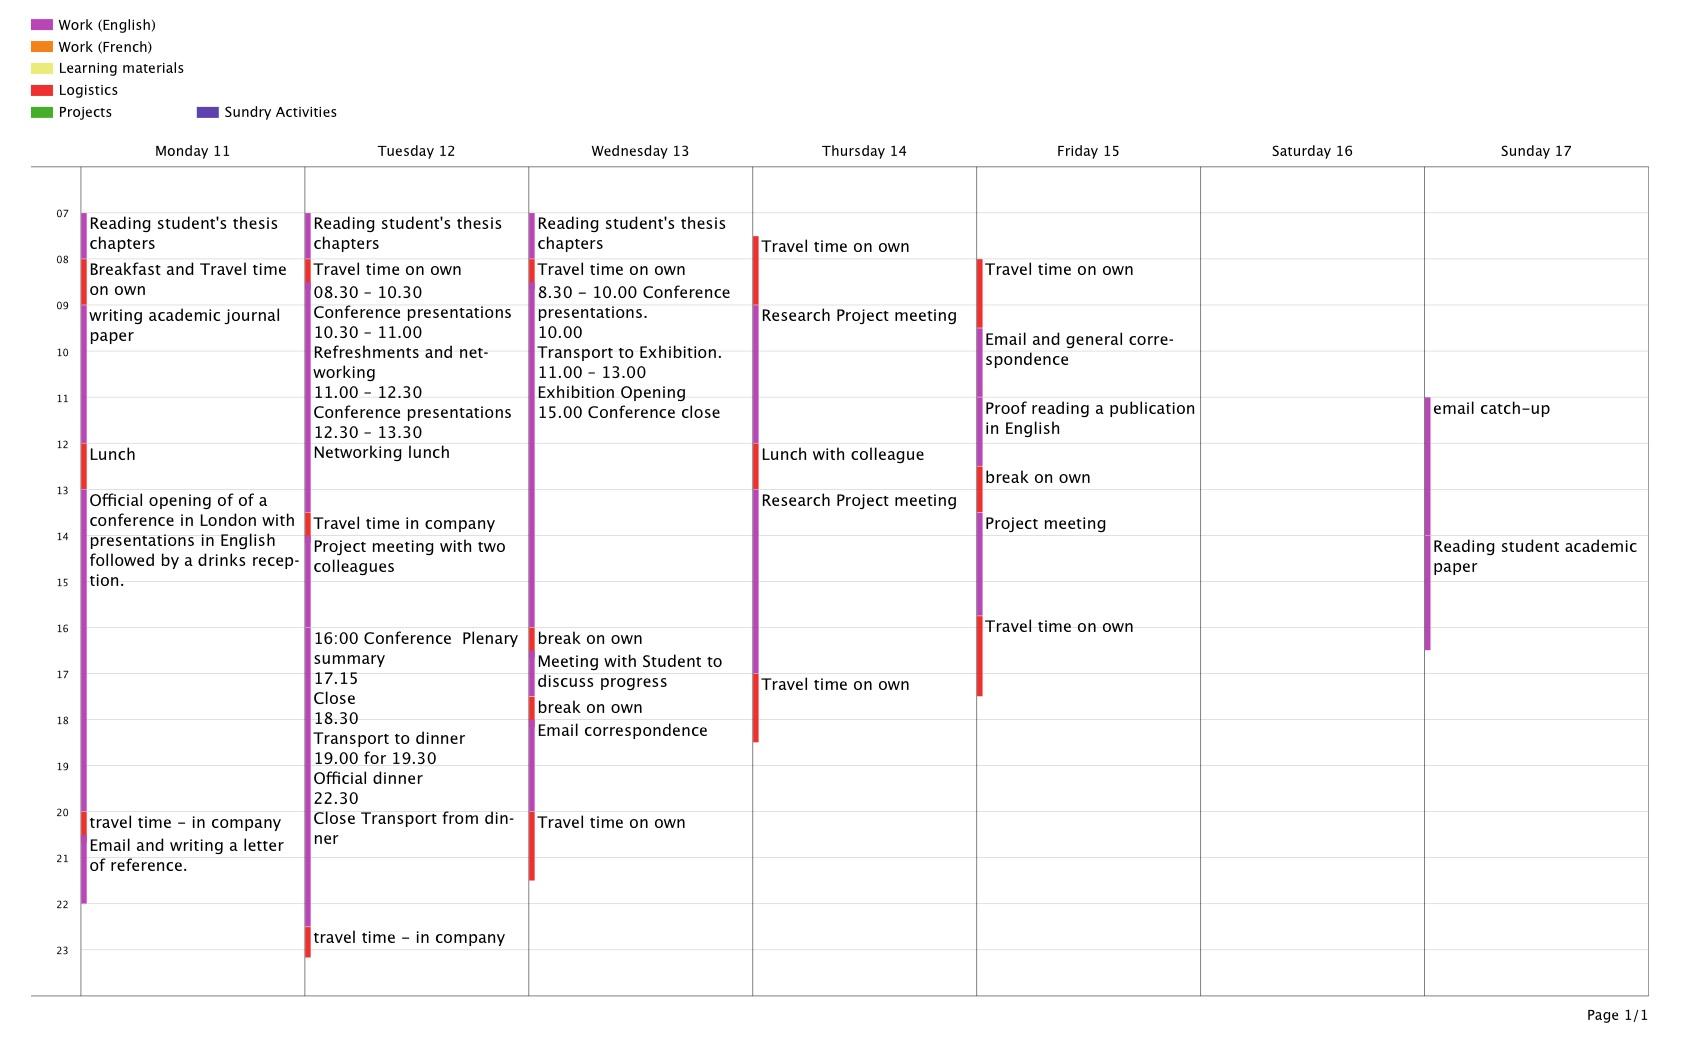 Diary study wiki